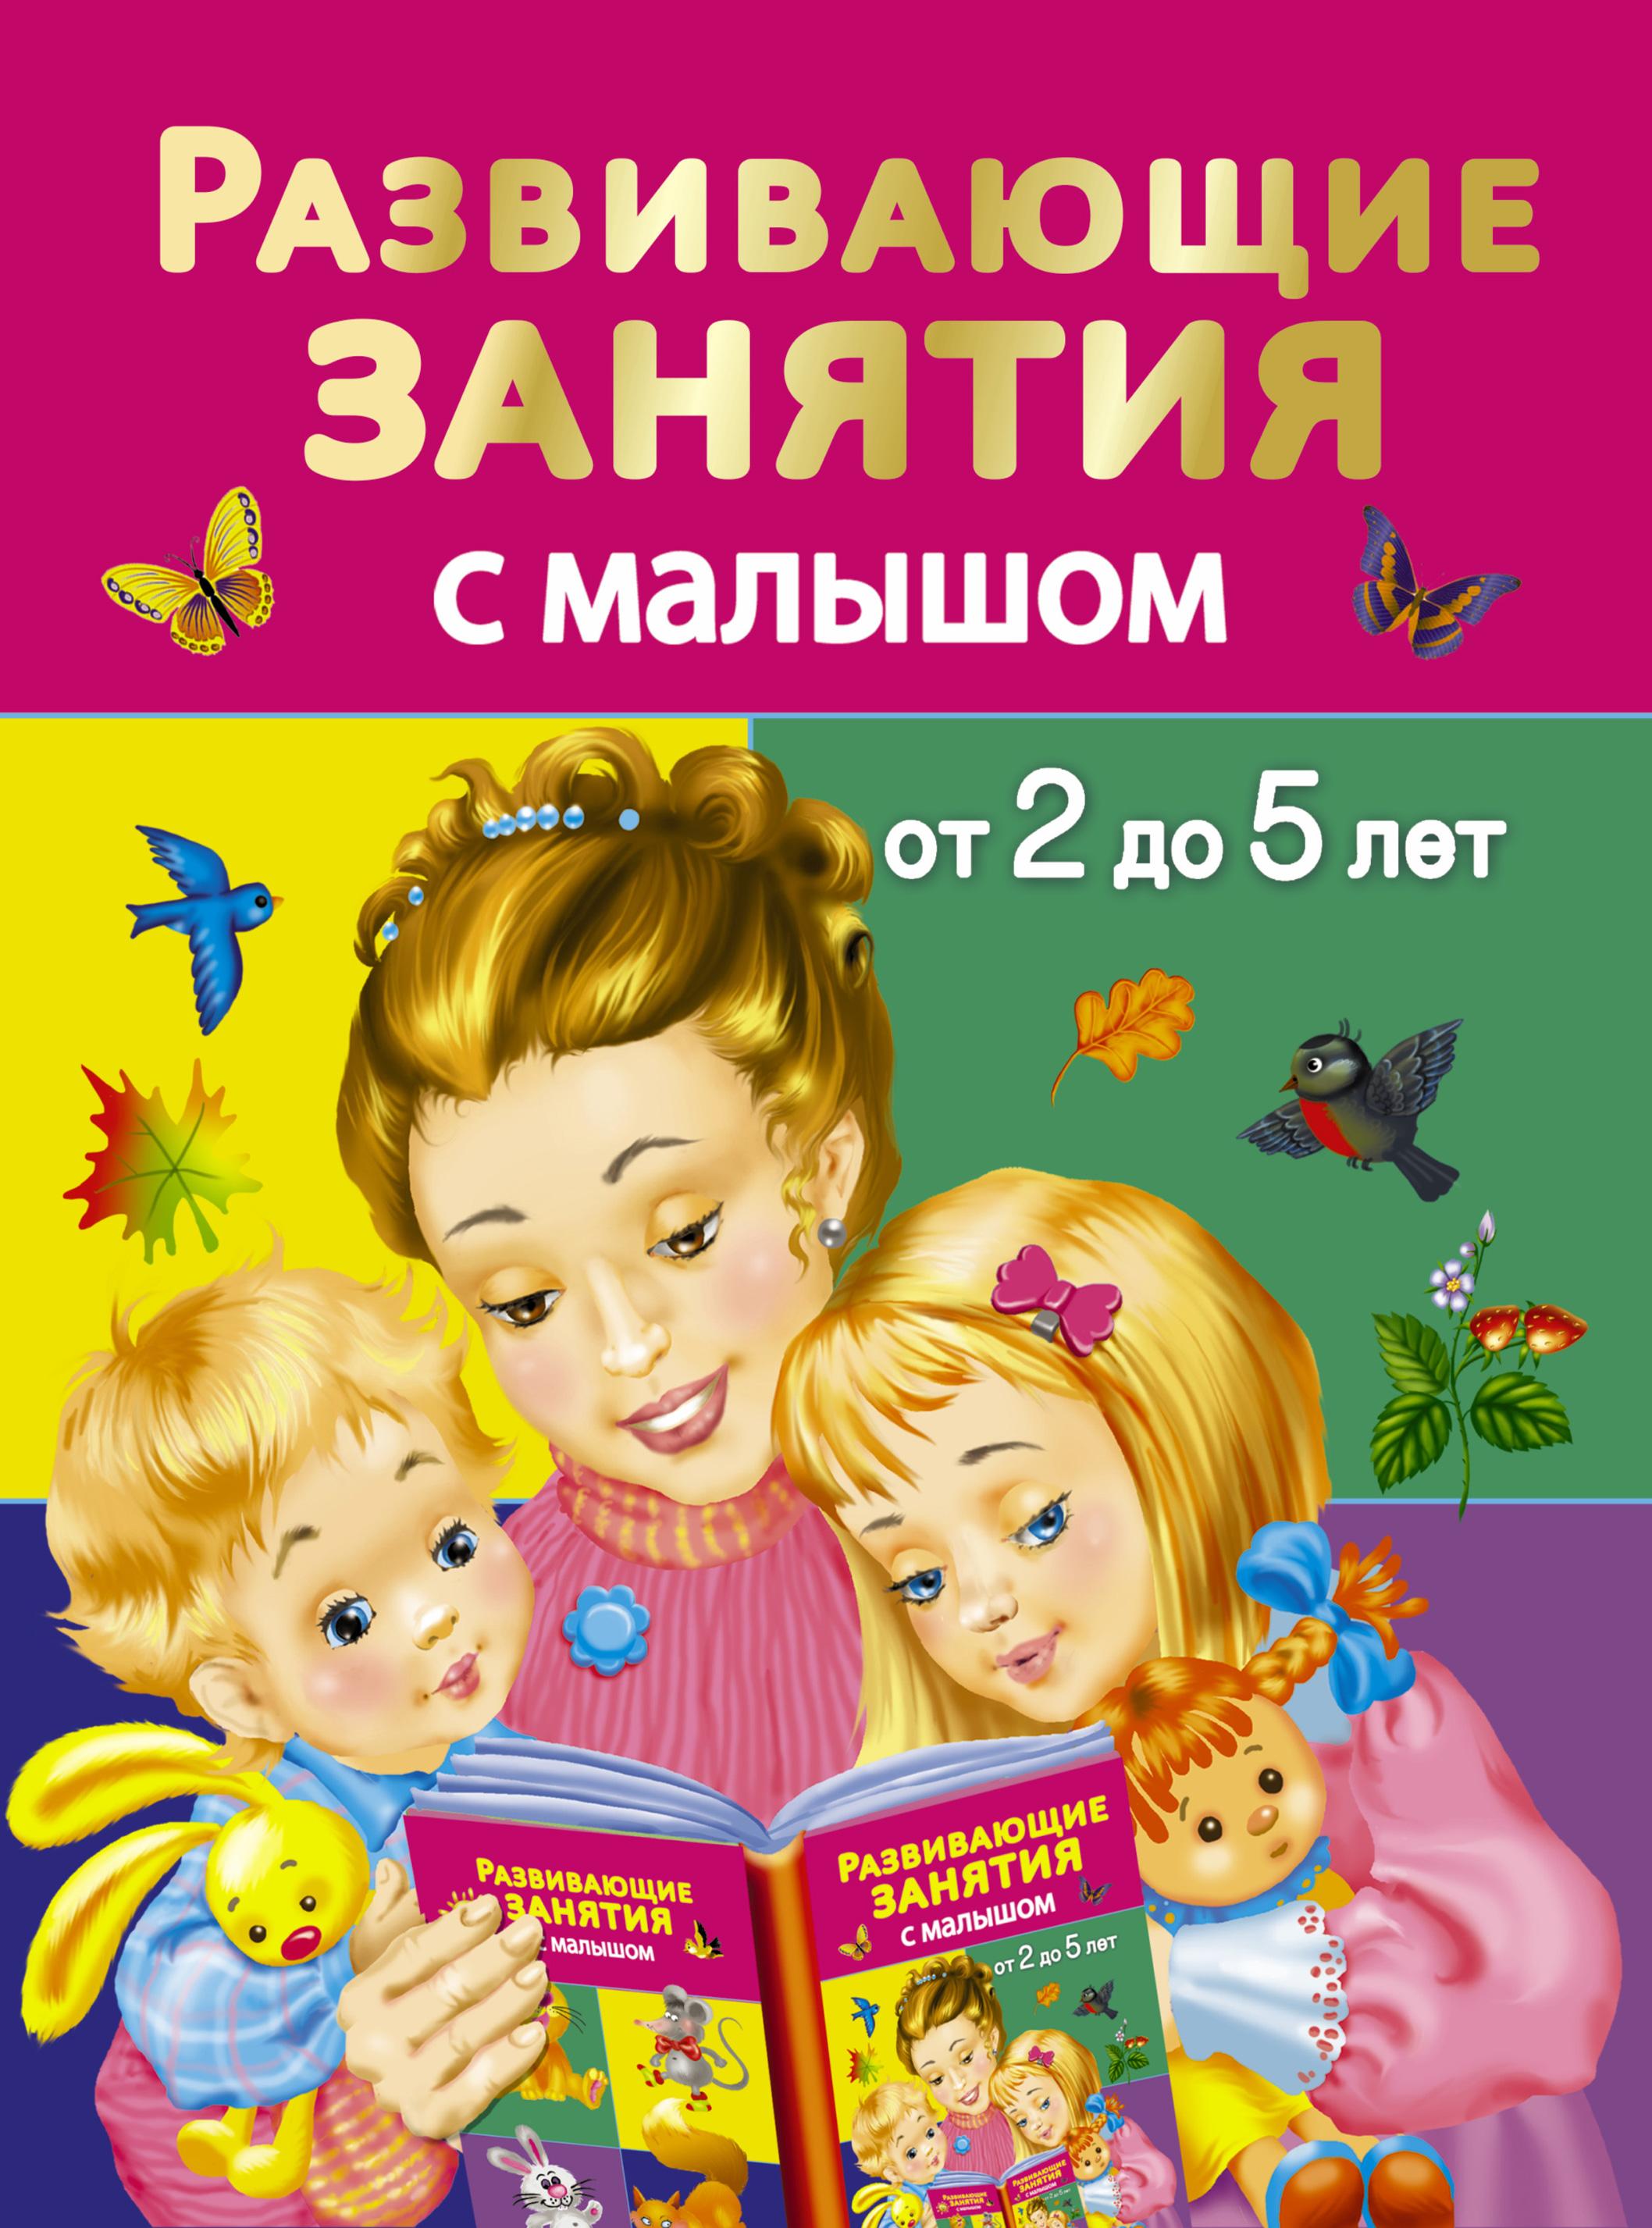 В. Г. Дмитриева Развивающие занятия с малышом от 2 до 5 лет дмитриева в г развивающие занятия с малышом